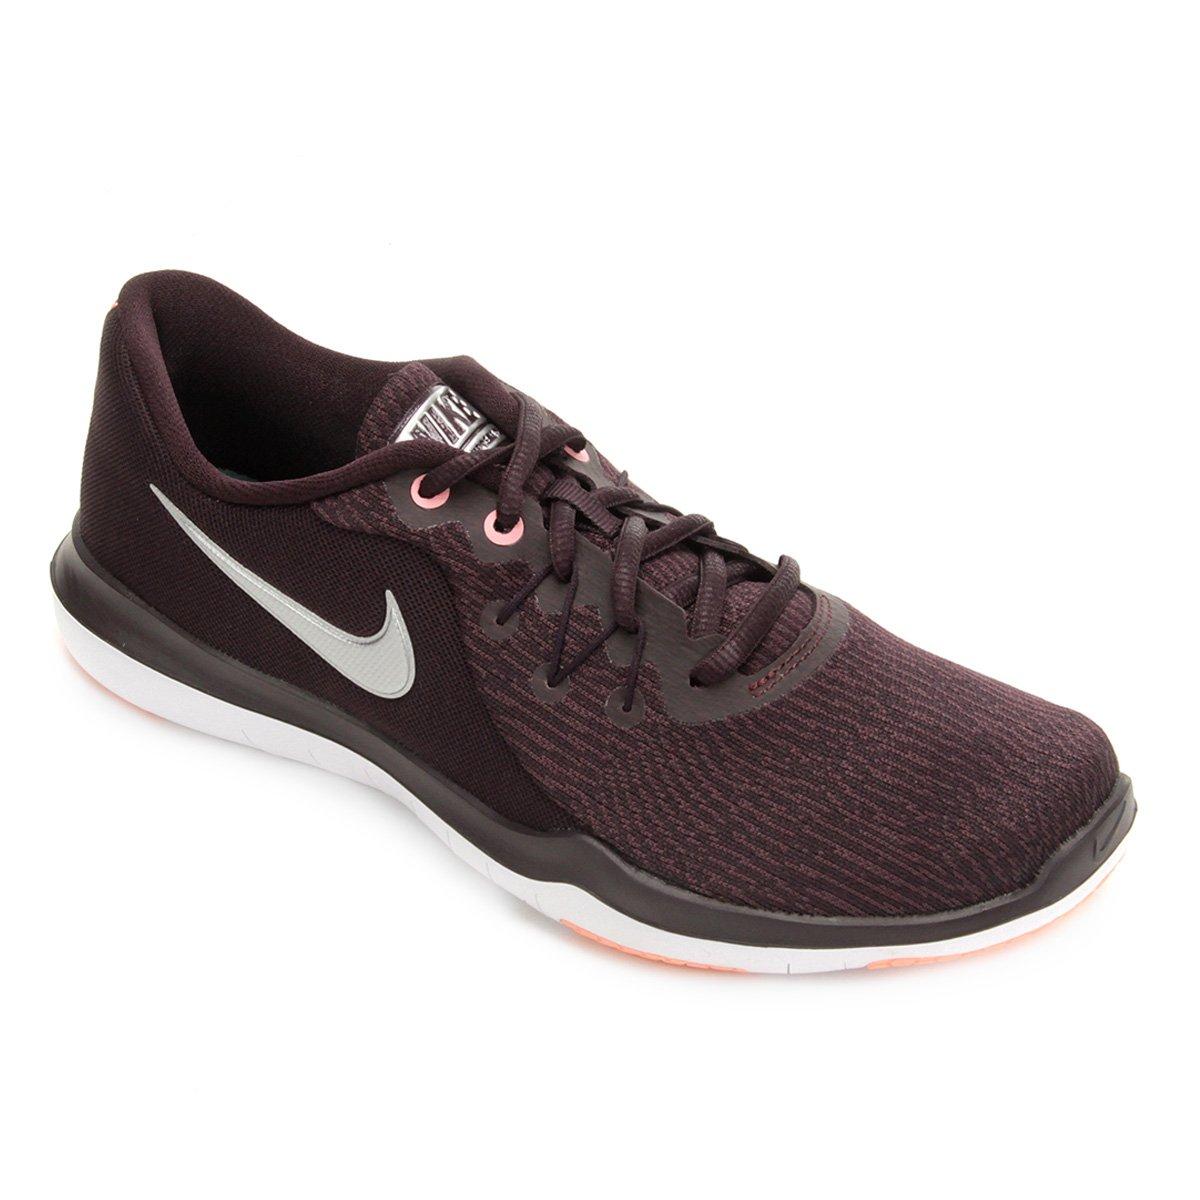 2e063a436 Tênis Nike Flex Supreme TR 6 Feminino - Vinho e Prata   Shop Timão